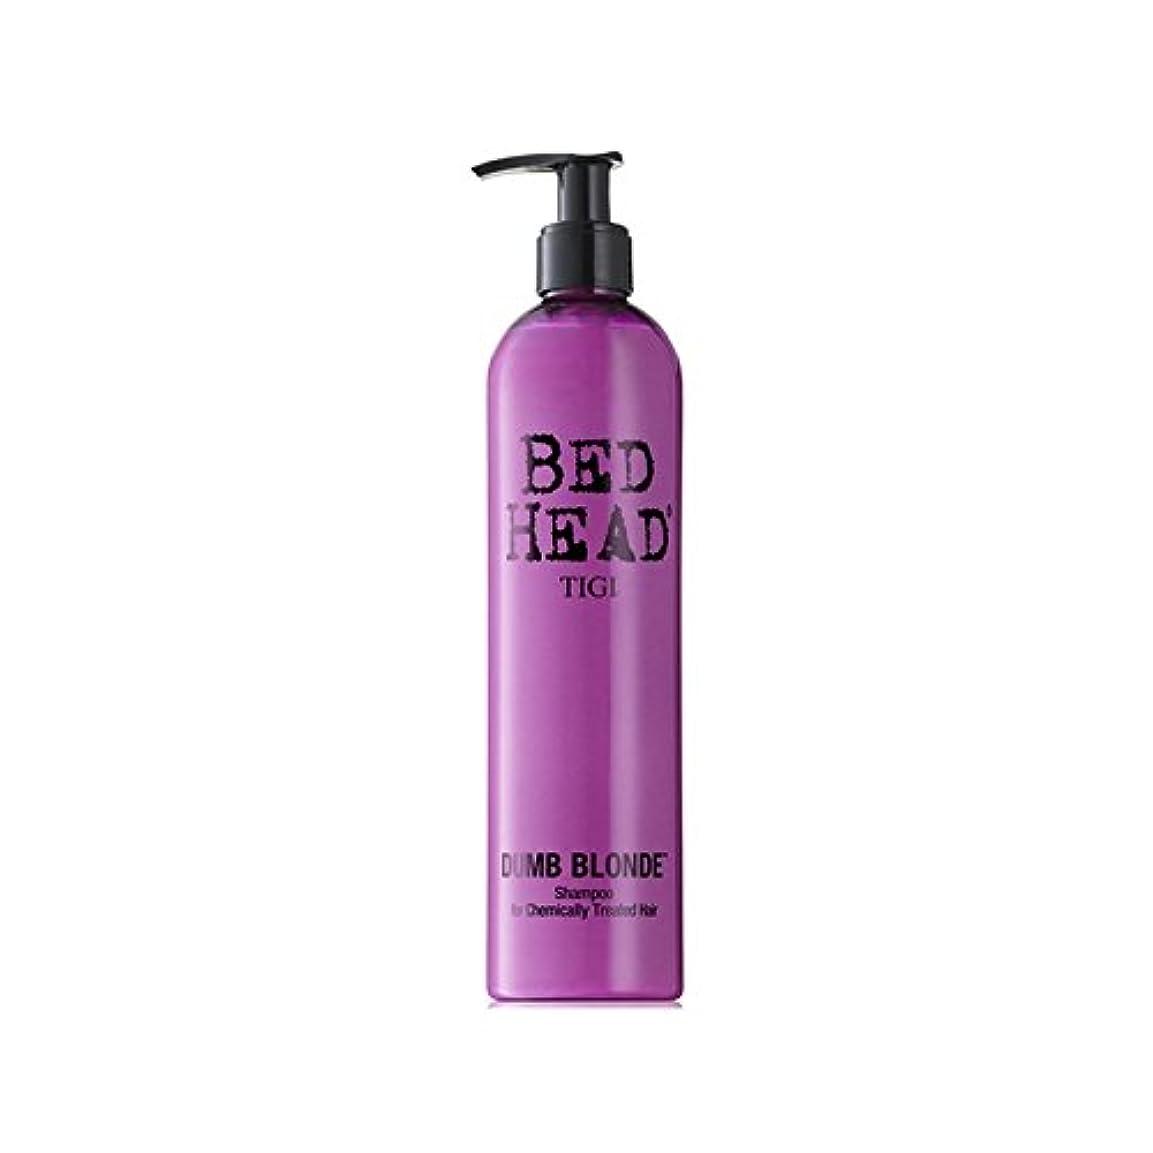 ウガンダ歩き回るスタックTigi Bed Head Dumb Blonde Shampoo 400ml (Pack of 6) - ティジーベッドヘッドダムブロンドシャンプー400ミリリットル x6 [並行輸入品]